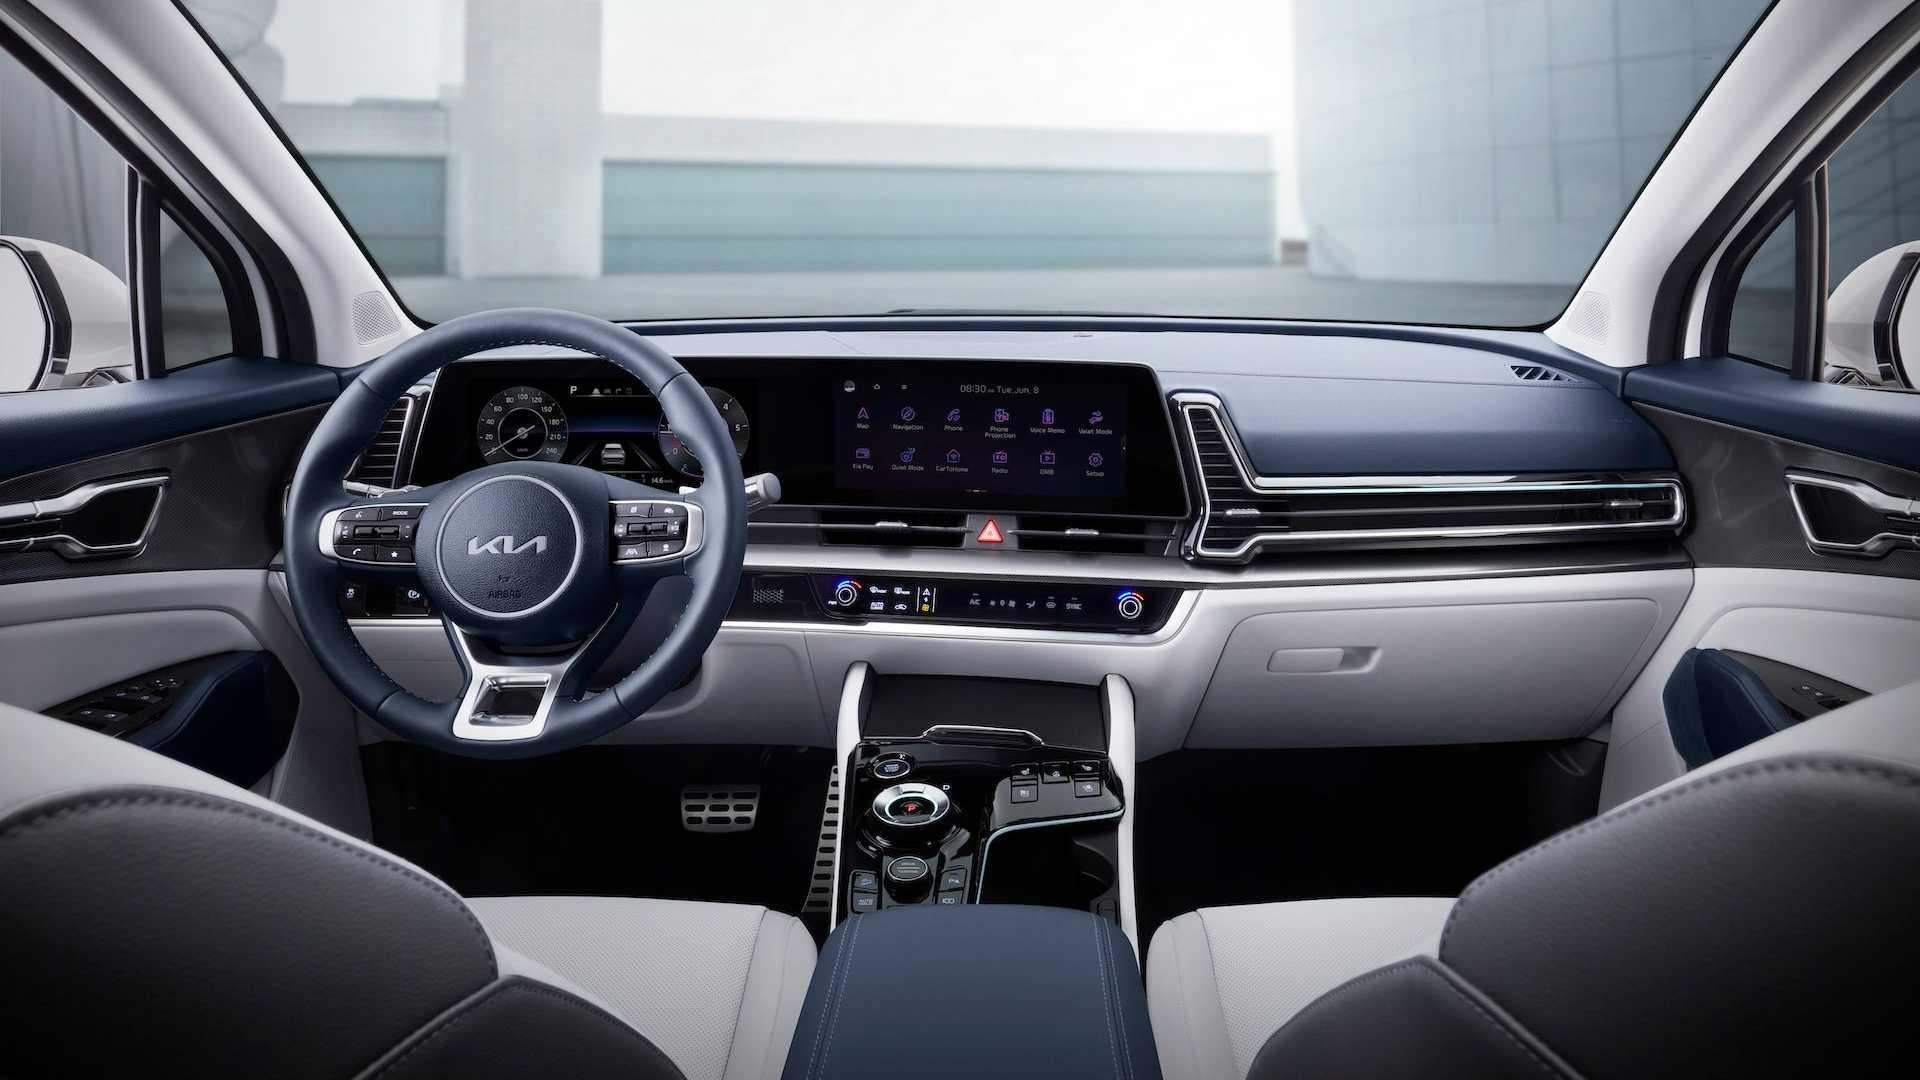 2022 Kia Sportage interior cabin design